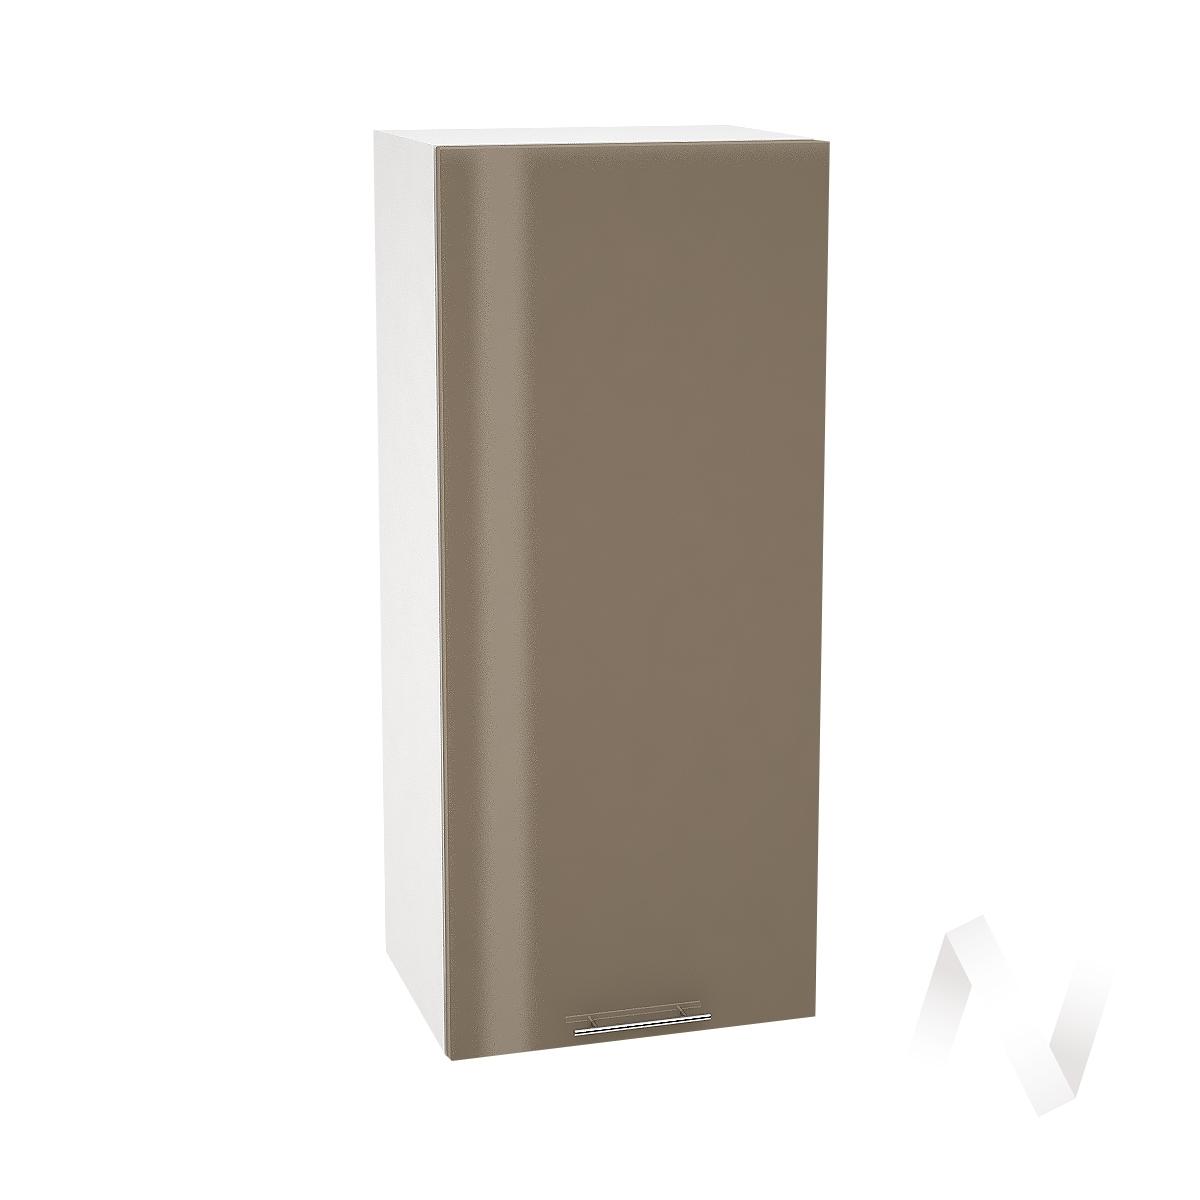 """Кухня """"Валерия-М"""": Шкаф верхний 409, ШВ 409 (Капучино глянец/корпус белый)"""